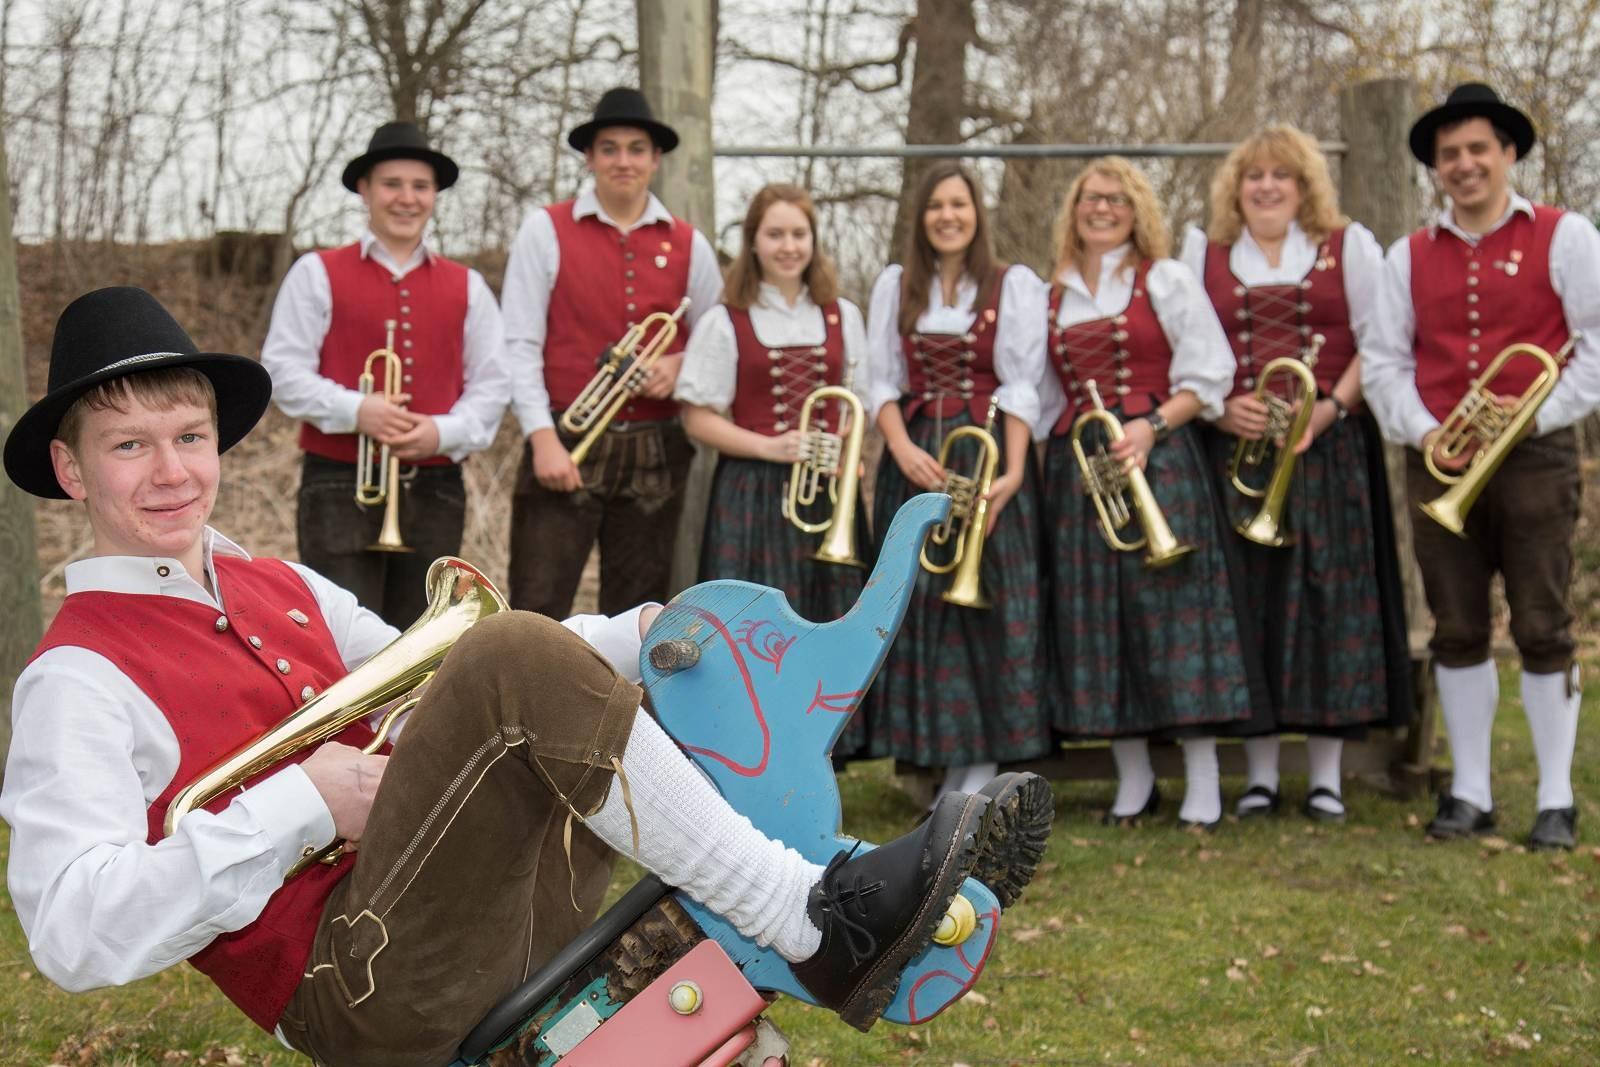 vorne: Rainer Müller / von links: Cedric Schreiber, Patrick Wörz, Katja Maier, Lena Muck, Kathrin Betz, Petra Schuhwerk, Daniel Schedel